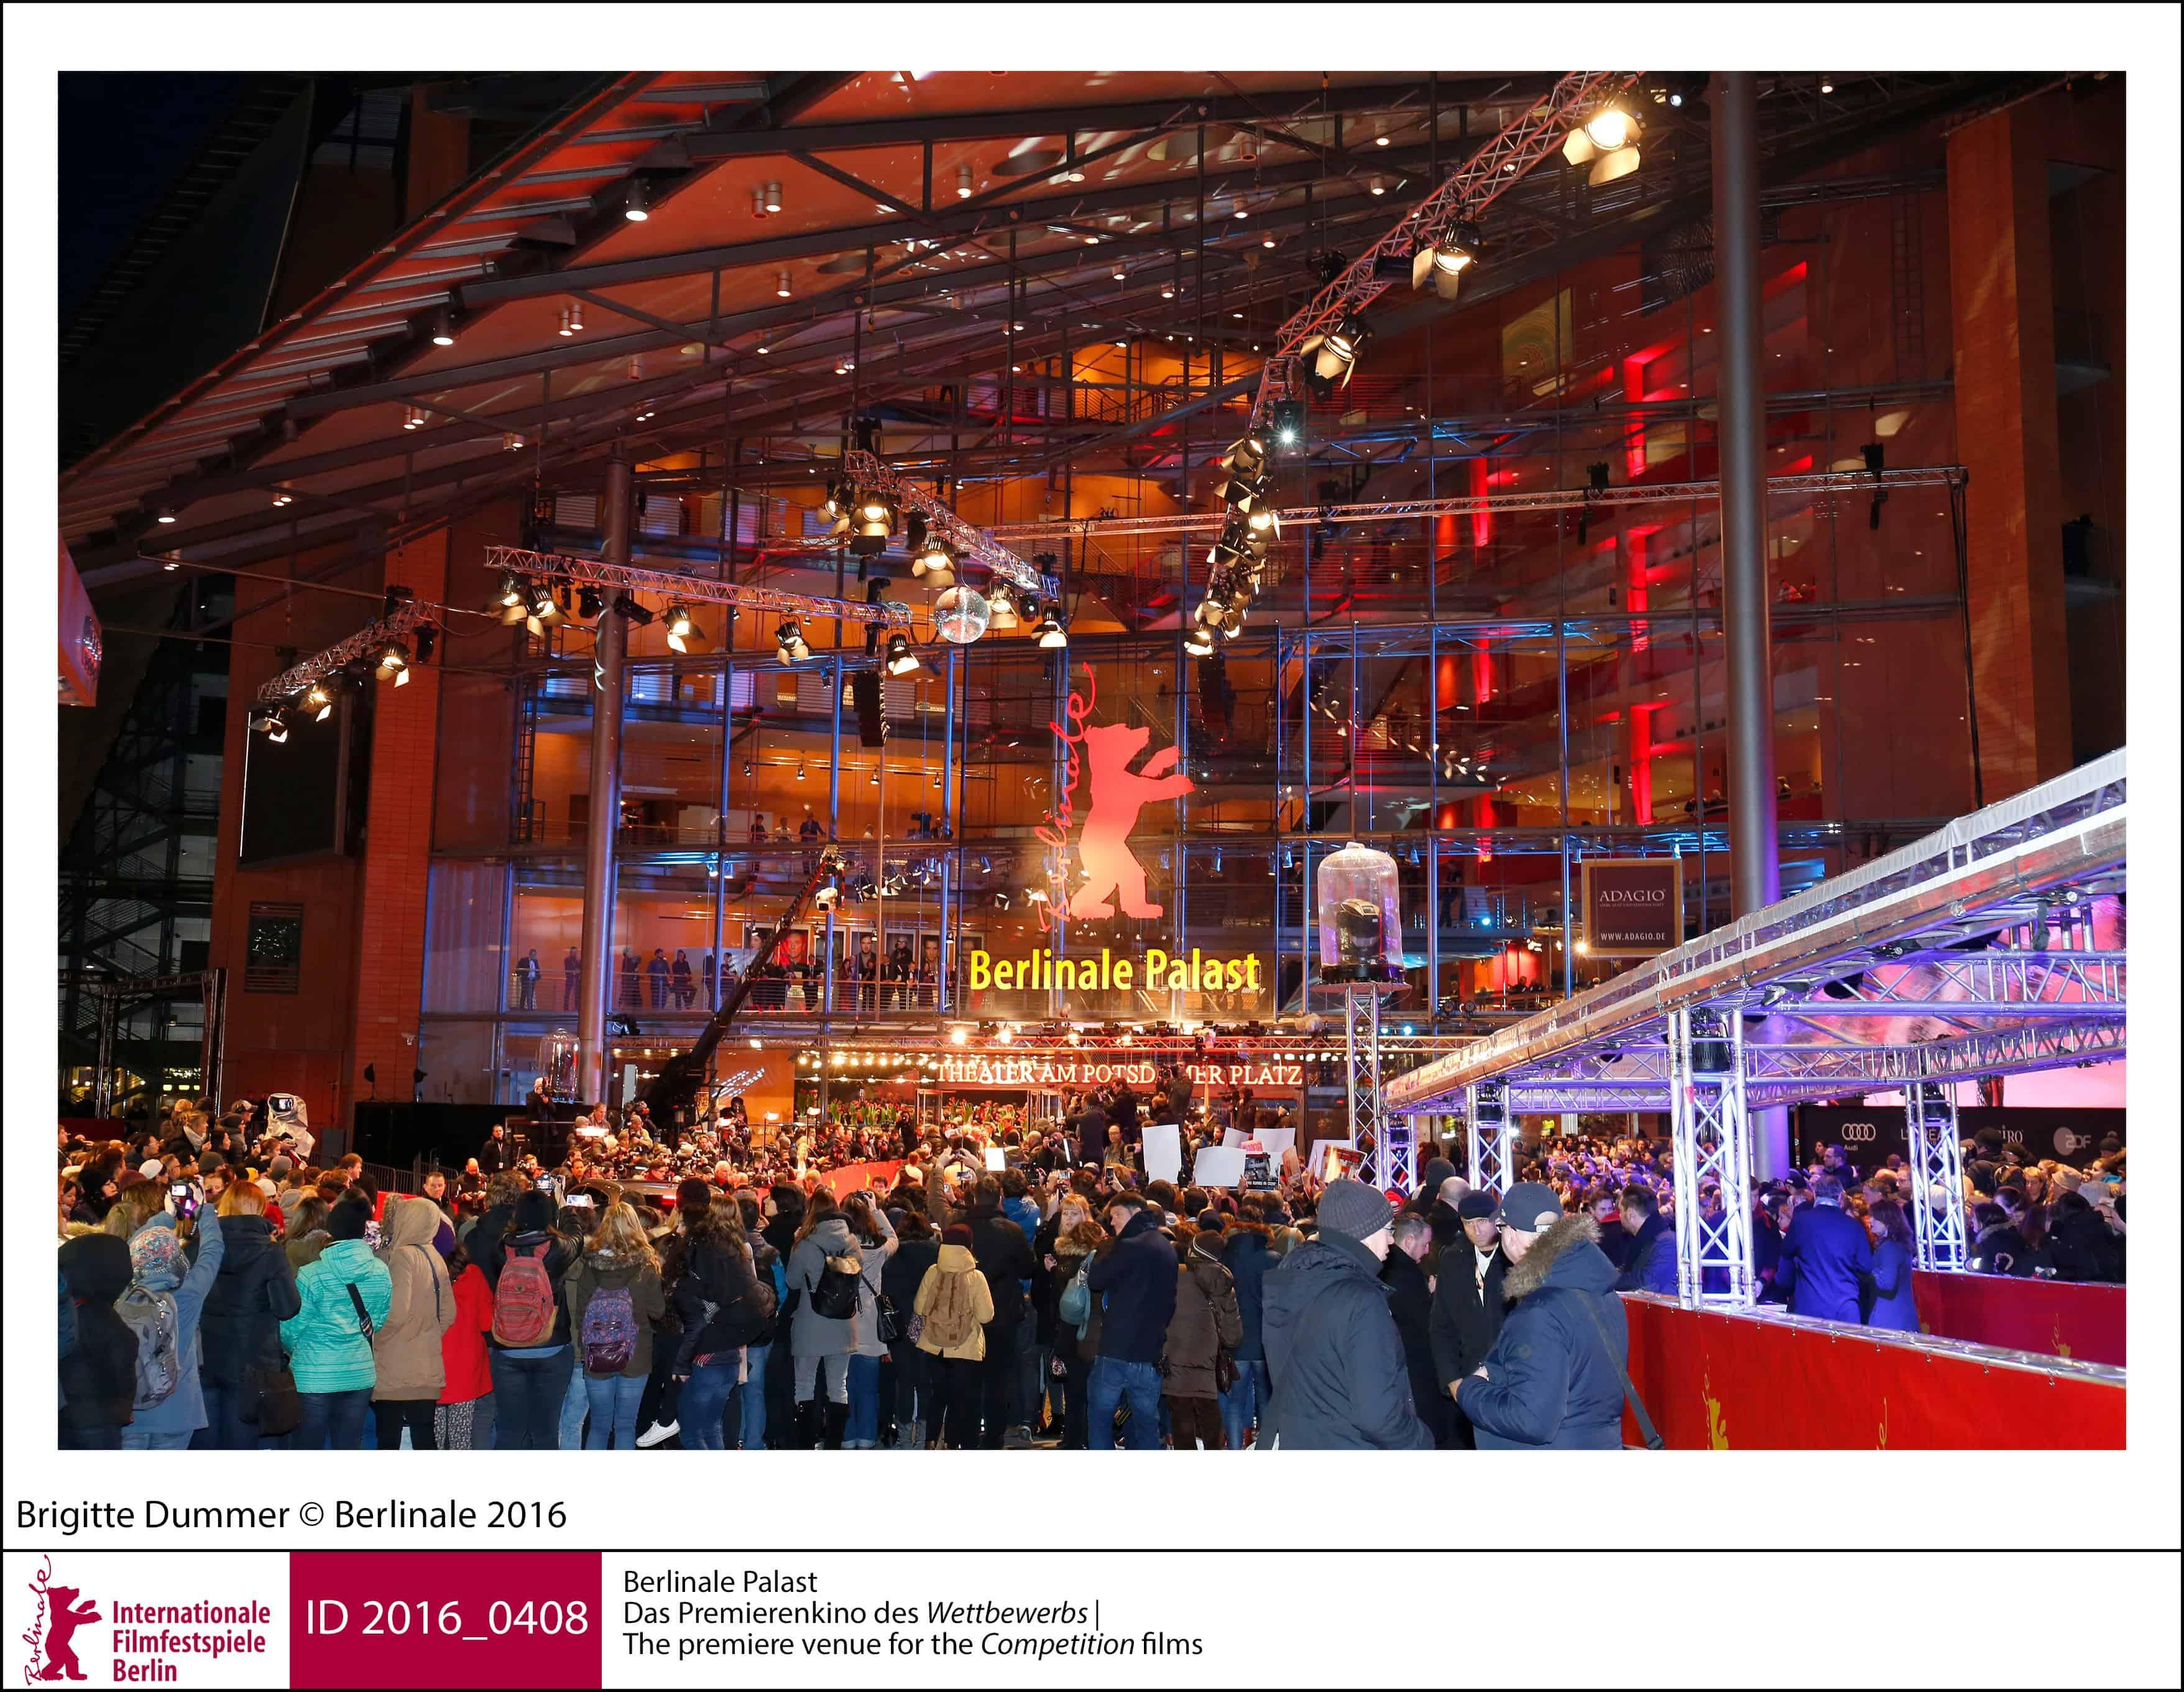 Berlinale Palast med kø af mennesker, som venter på at komme ind.